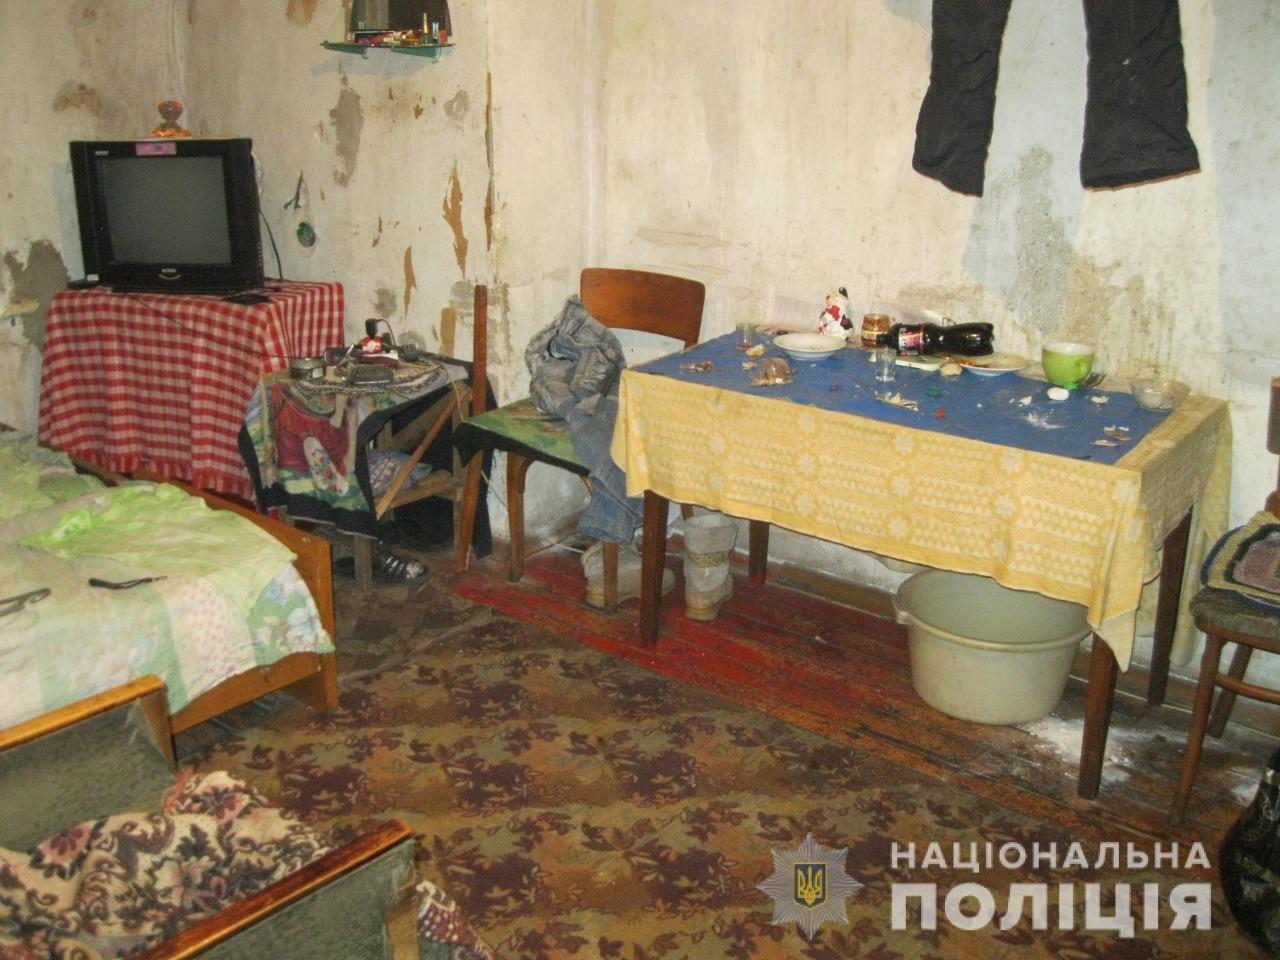 На Харьковщине женщина пыталась зарезать соседку во время пьяной ссоры, - ФОТО, фото-4